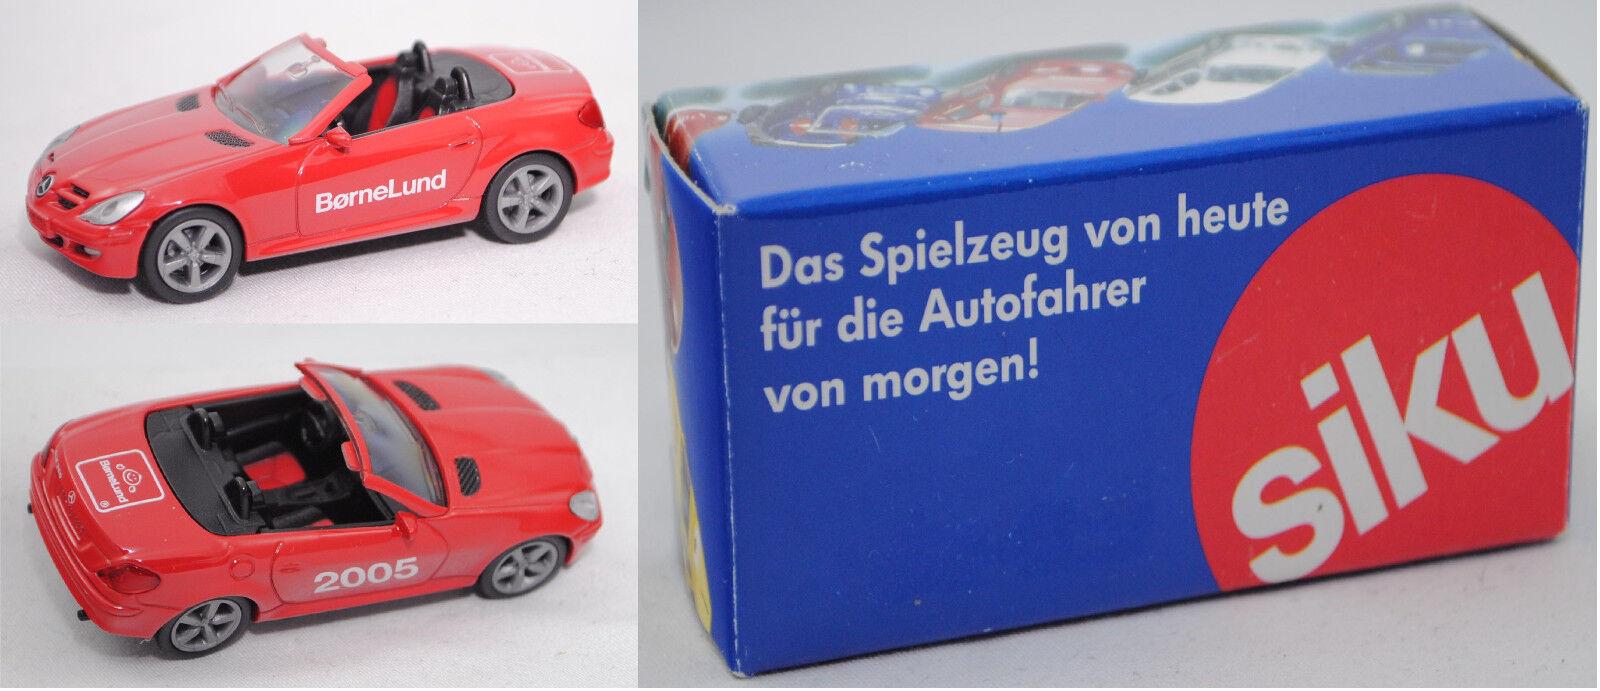 Siku súper 1002 Mercedes-Benz SLK 350 børnelund, werbemodell limitado aprox. 1 55